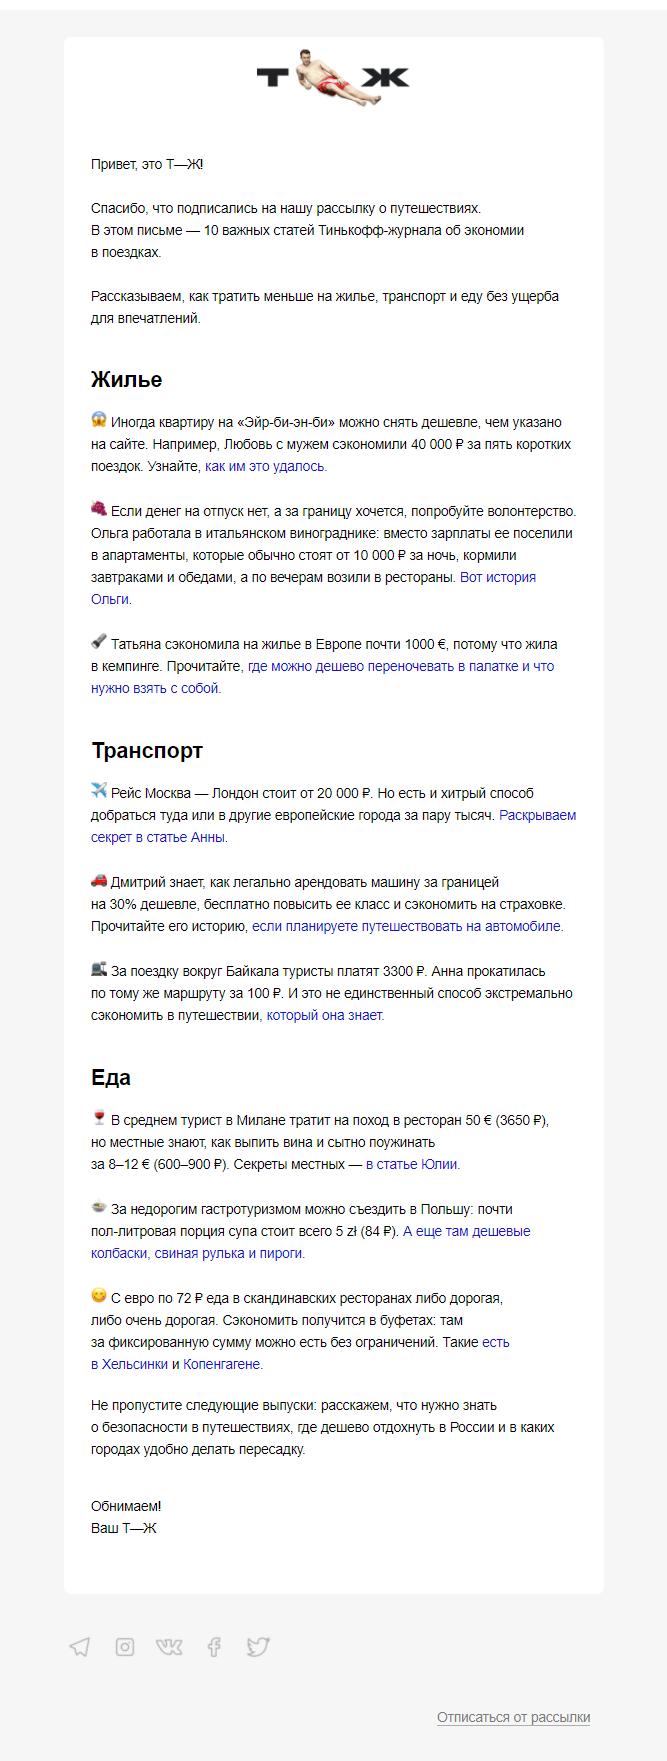 Email-рассылка от медиа об управлении деньгами